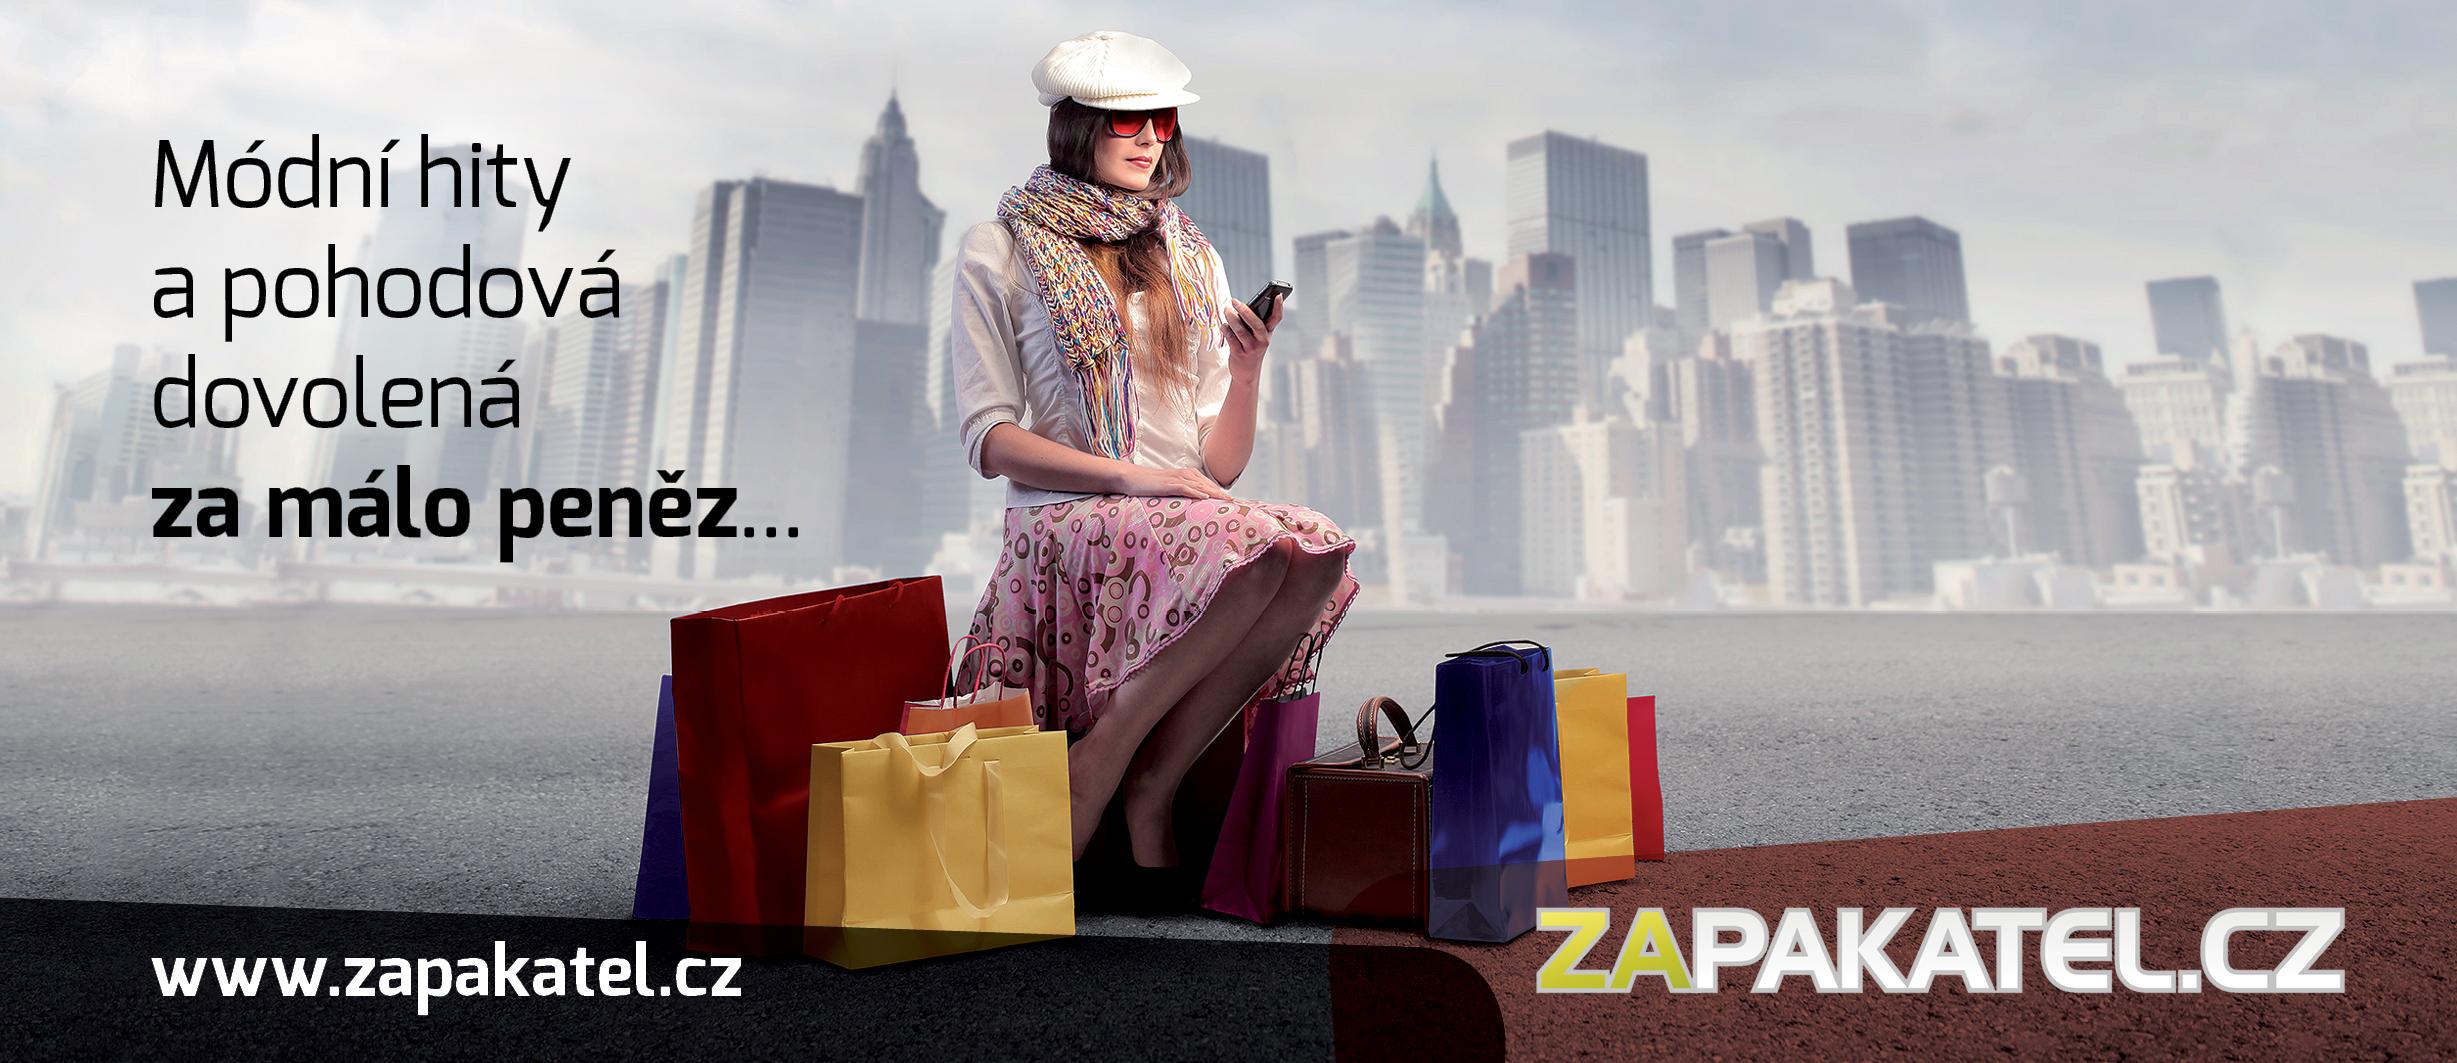 Inzerce Zapakatel.cz-0